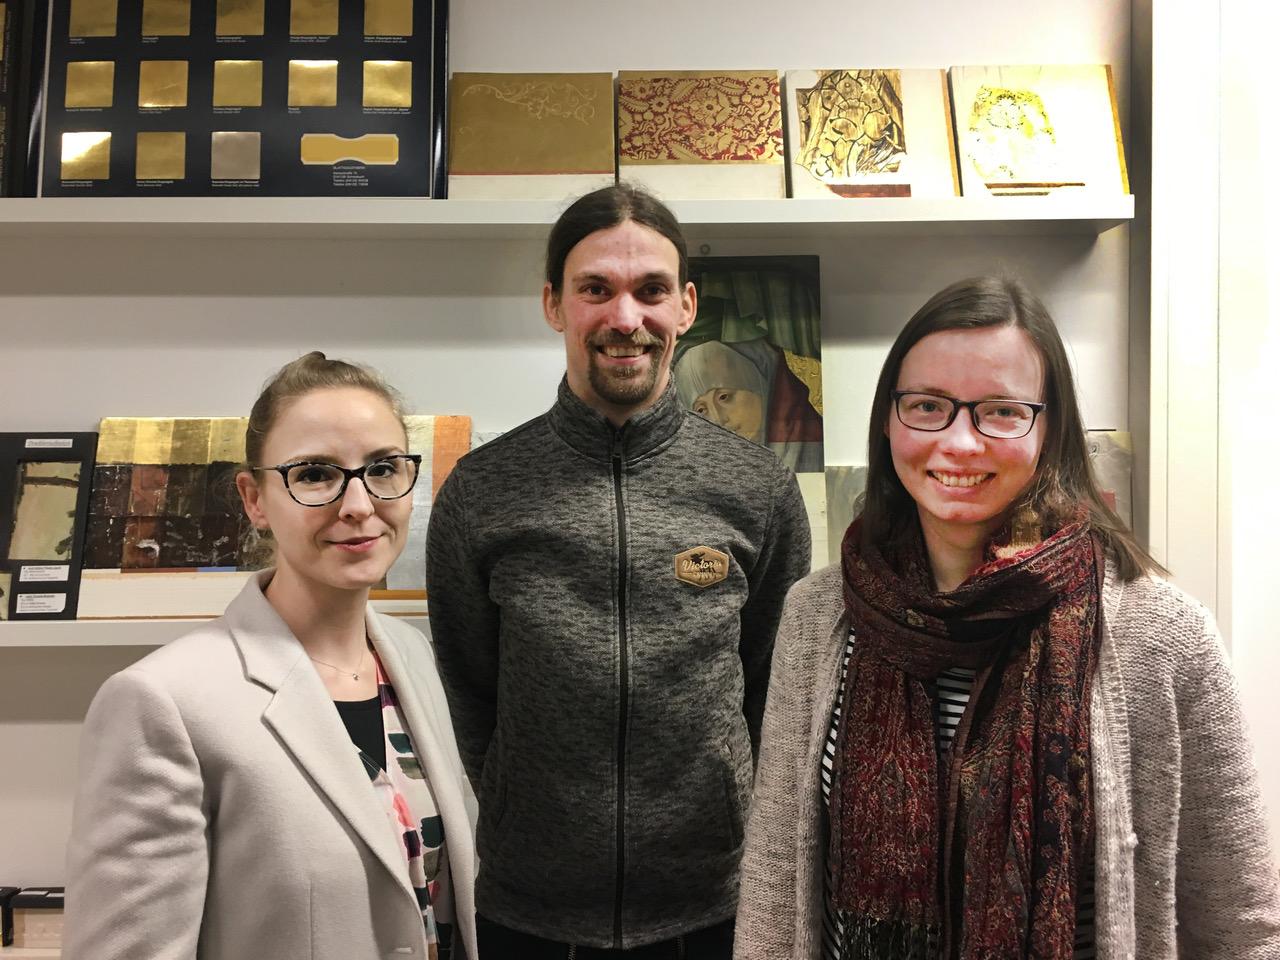 Die Sprecher der Landesgruppe Niedersachsen. Von links: Bianca Floss, Hanno Alsen und Eva Abramowski